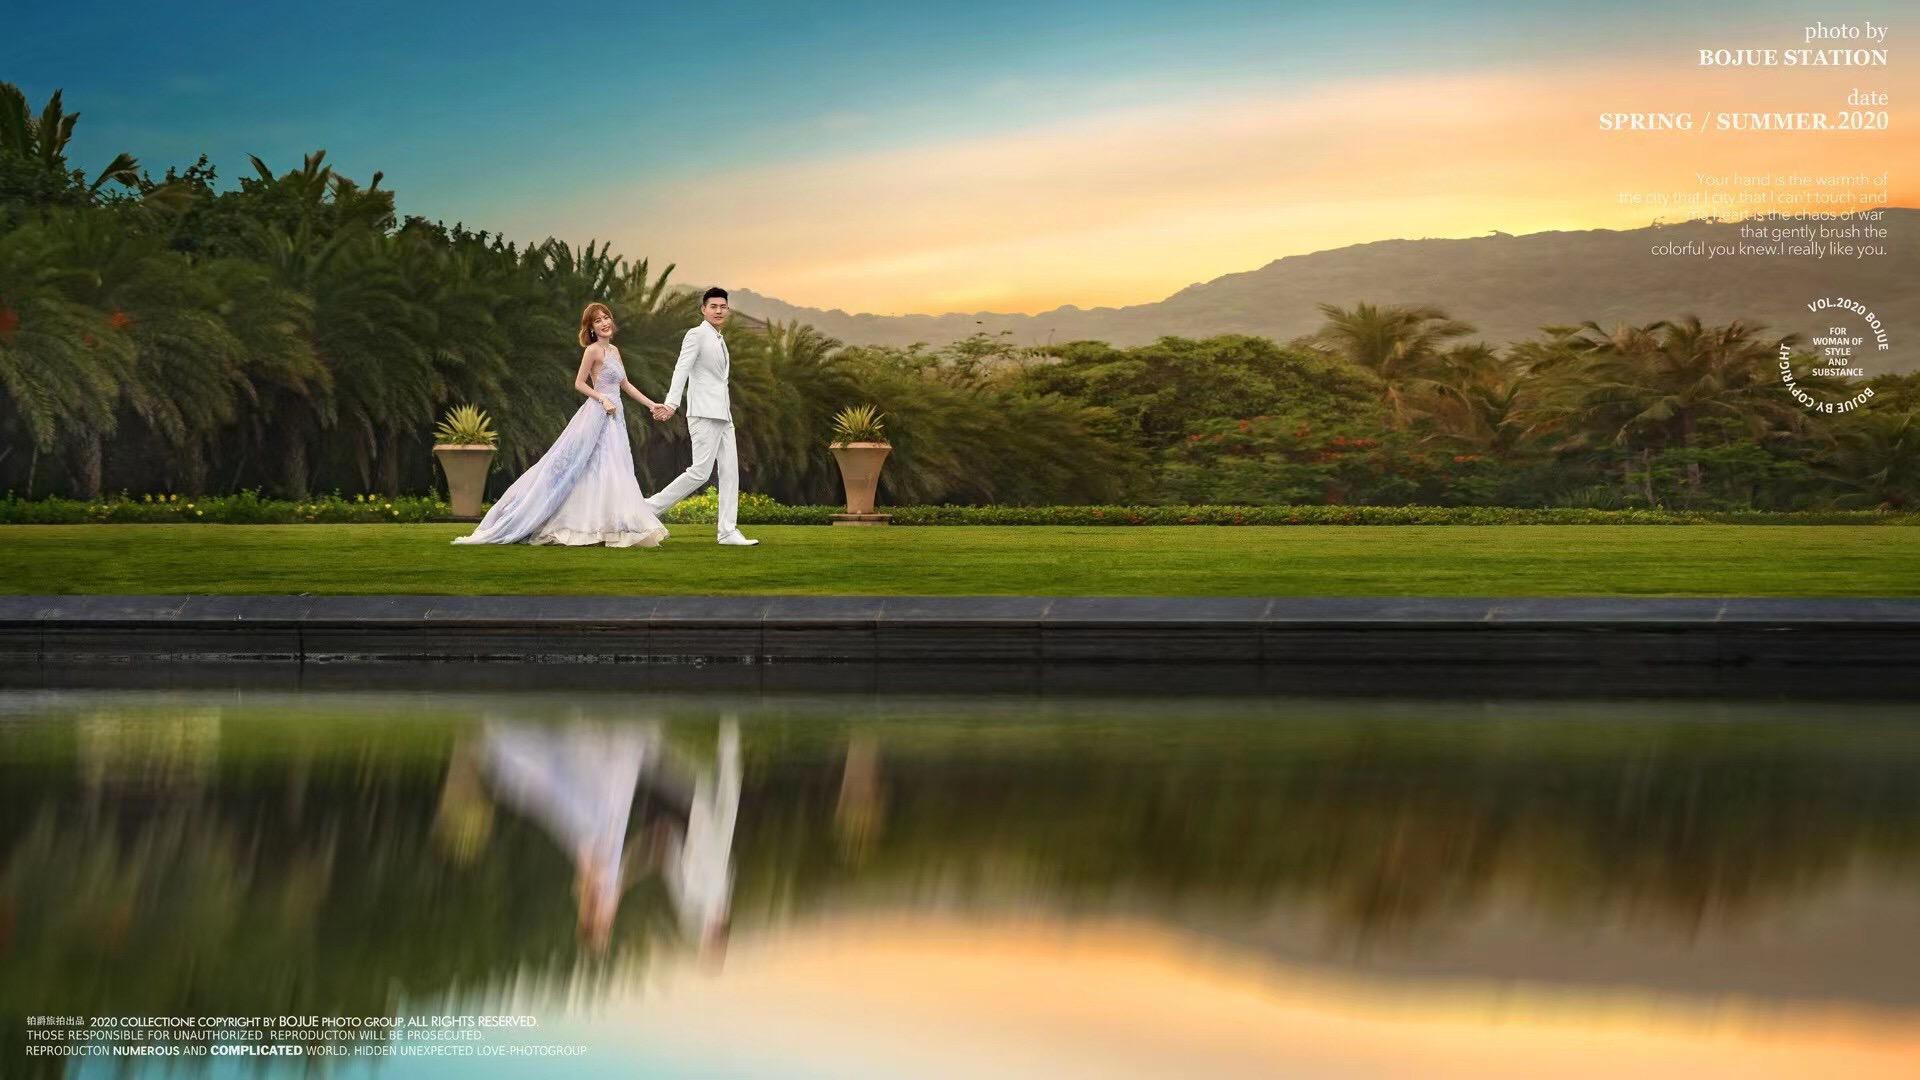 三亚婚纱摄影之旅完美画下句号!感谢铂爵旅拍的用心!